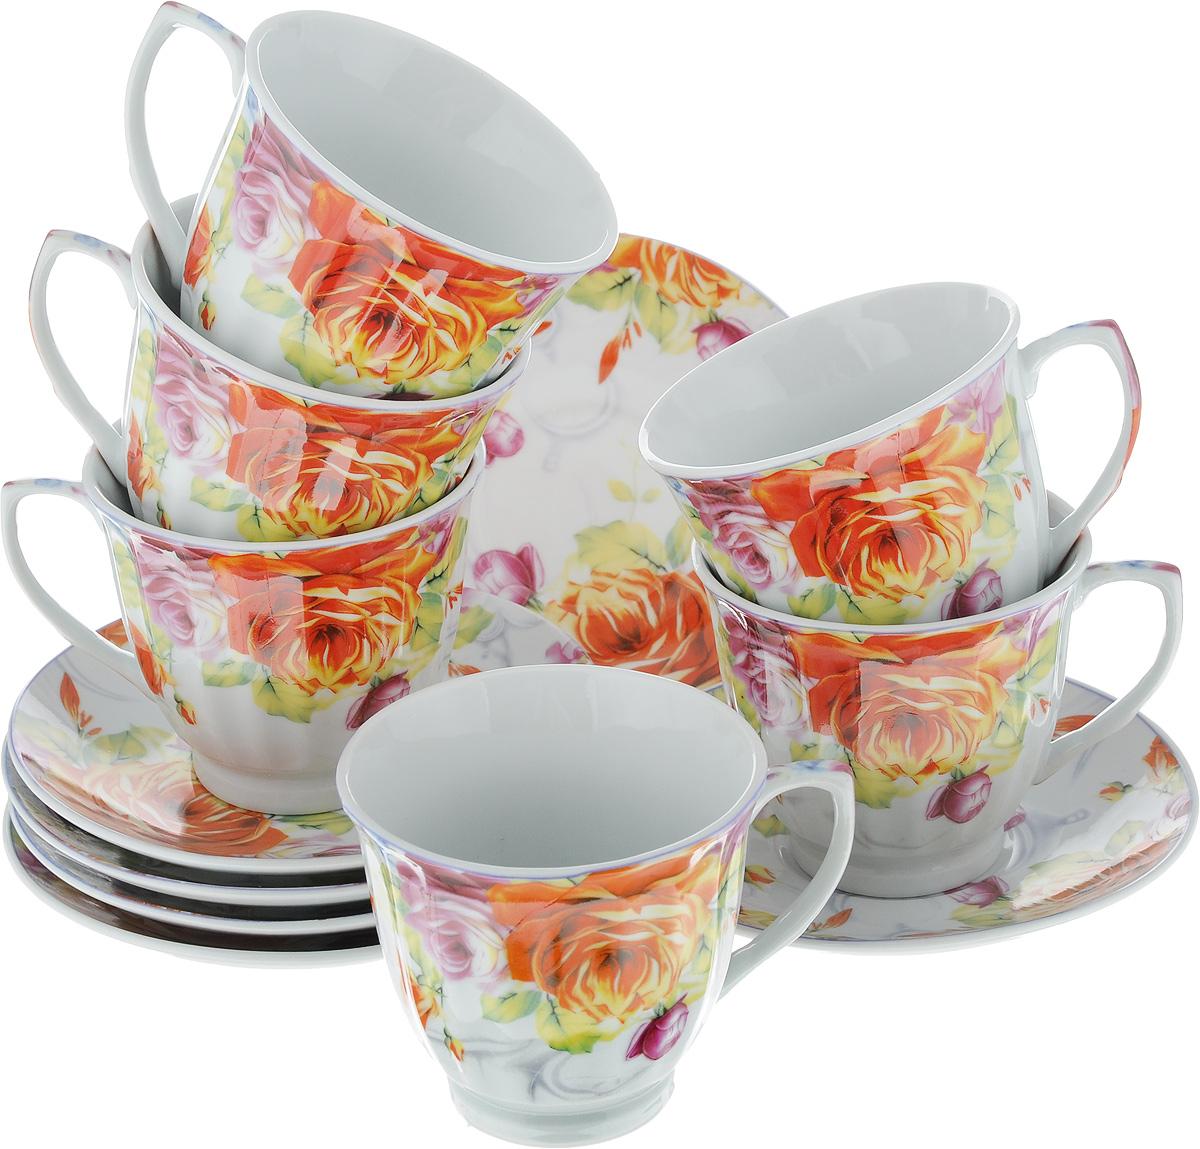 Набор чайный Loraine Розы, 12 предметов. 2253221395599Чайный набор Loraine Розы состоит из шести чашек и шести блюдец. Изделия выполнены из высококачественного фарфора и оформлены цветочным рисунком. Такой набор изящно дополнит сервировку стола к чаепитию. Благодаря оригинальному дизайну и качеству исполнения, он станет замечательным подарком для ваших друзей и близких. Набор упакован в красивую подарочную коробку.Объем чашки: 220 мл. Диаметр чашки (по верхнему краю): 8,7 см. Высота чашки: 7,5 см. Диаметр блюдца: 13,5 см.Высота блюдца: 2 см.